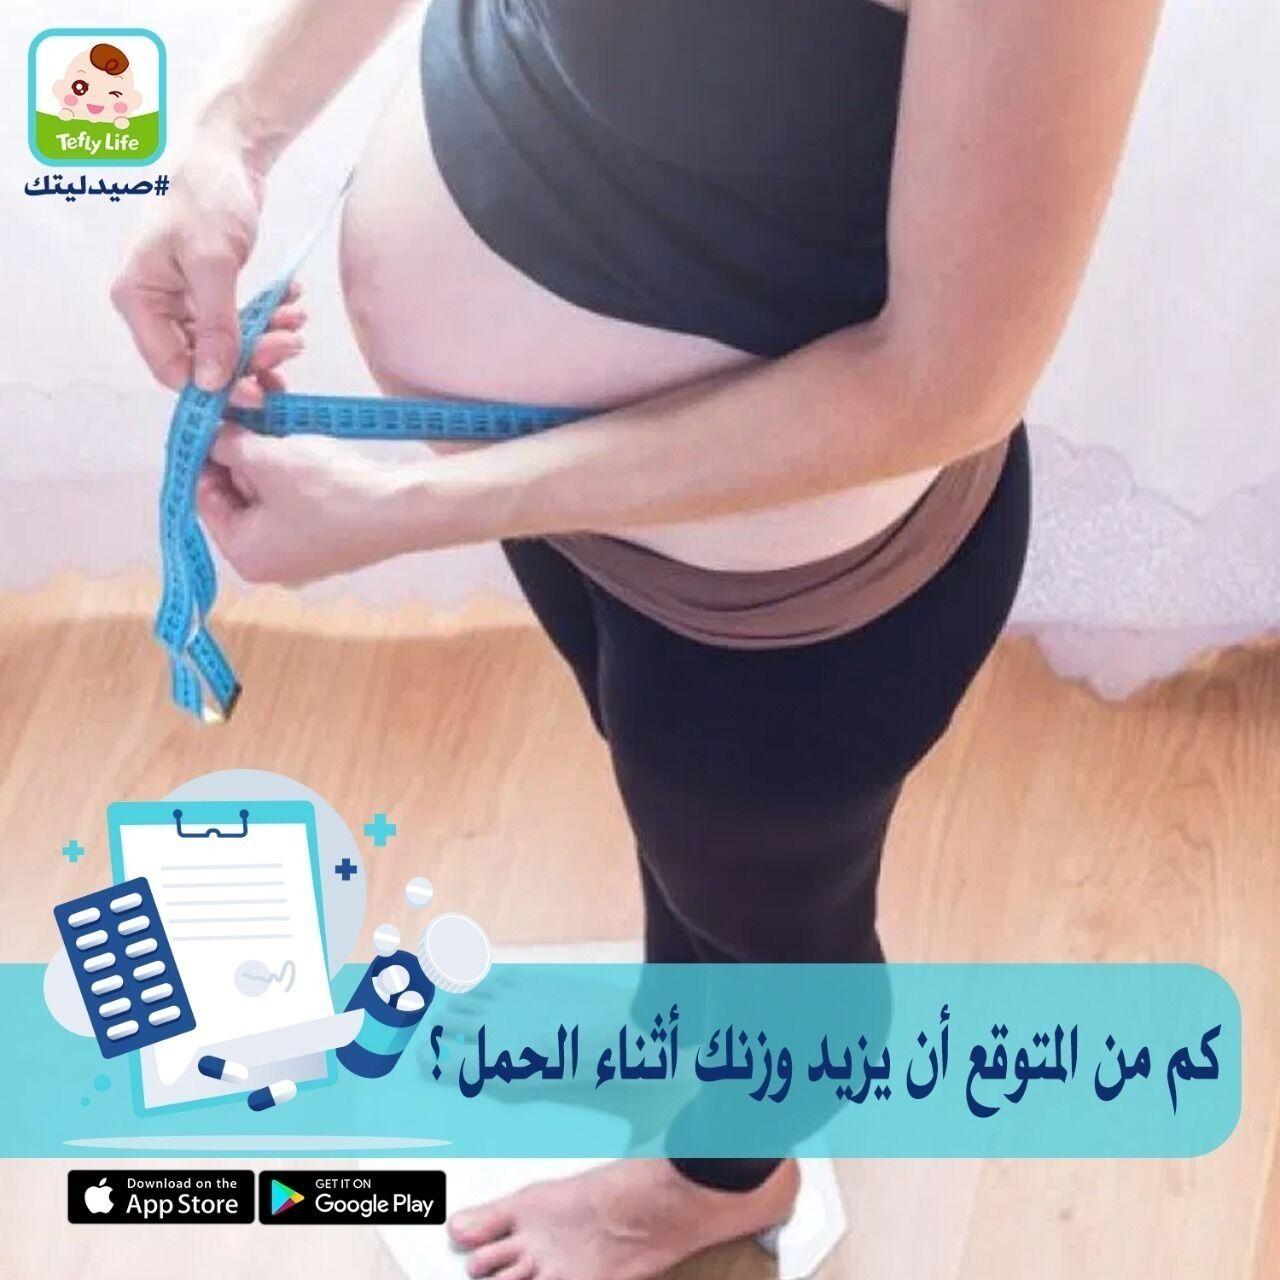 كم من المتوقع أن يزيد وزنك أثناء الحمل ؟